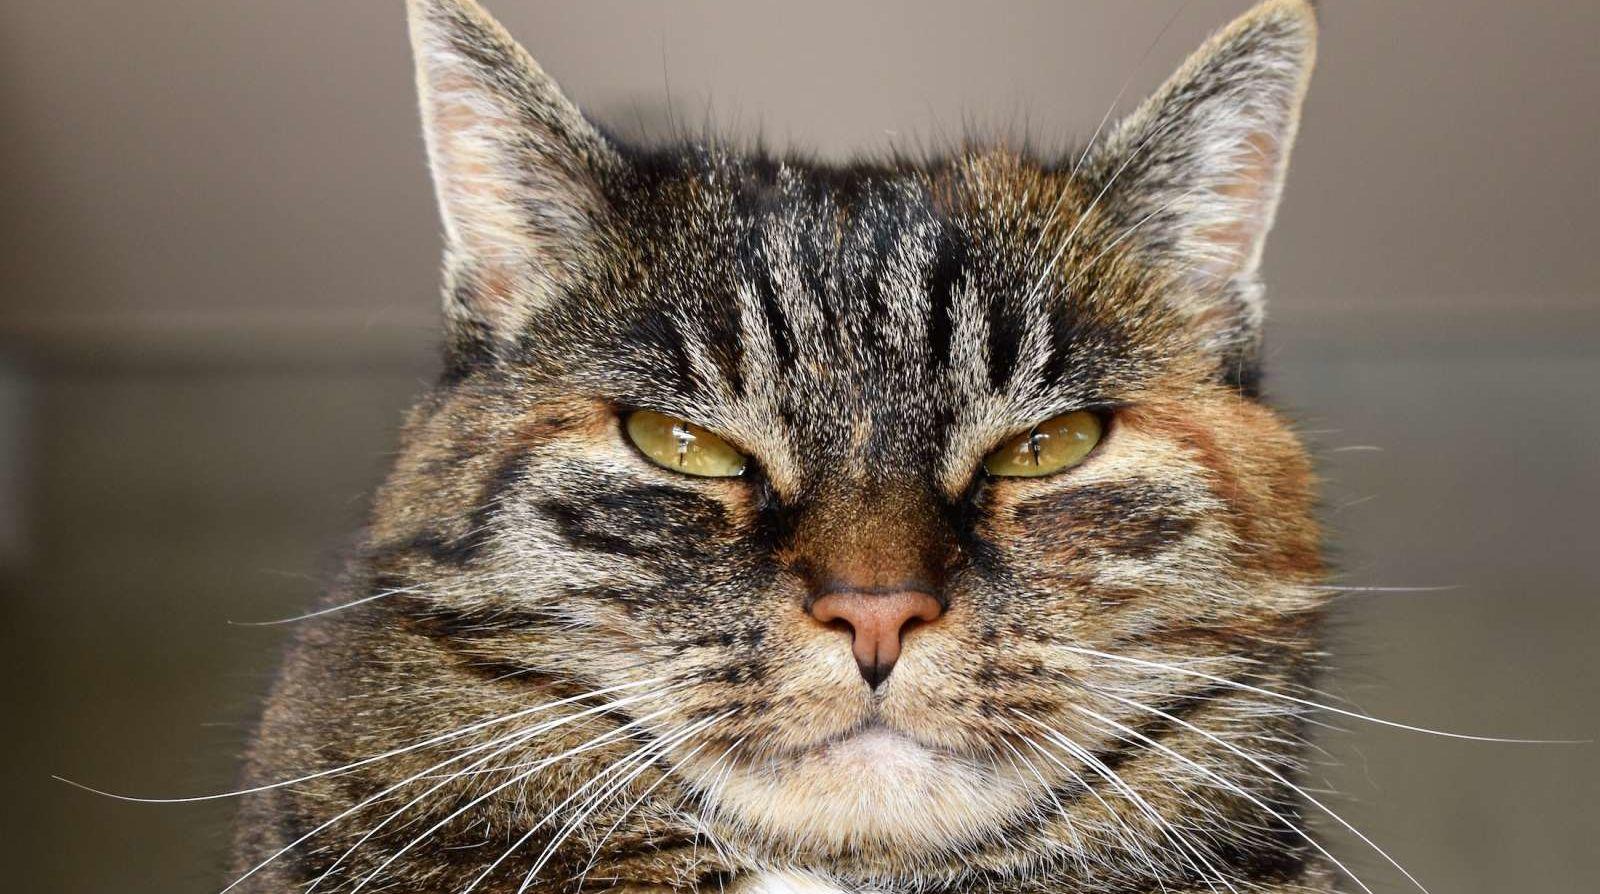 626583-pixabay-pexels-adorable-angry-animal-animal-portrait-208984.jpg